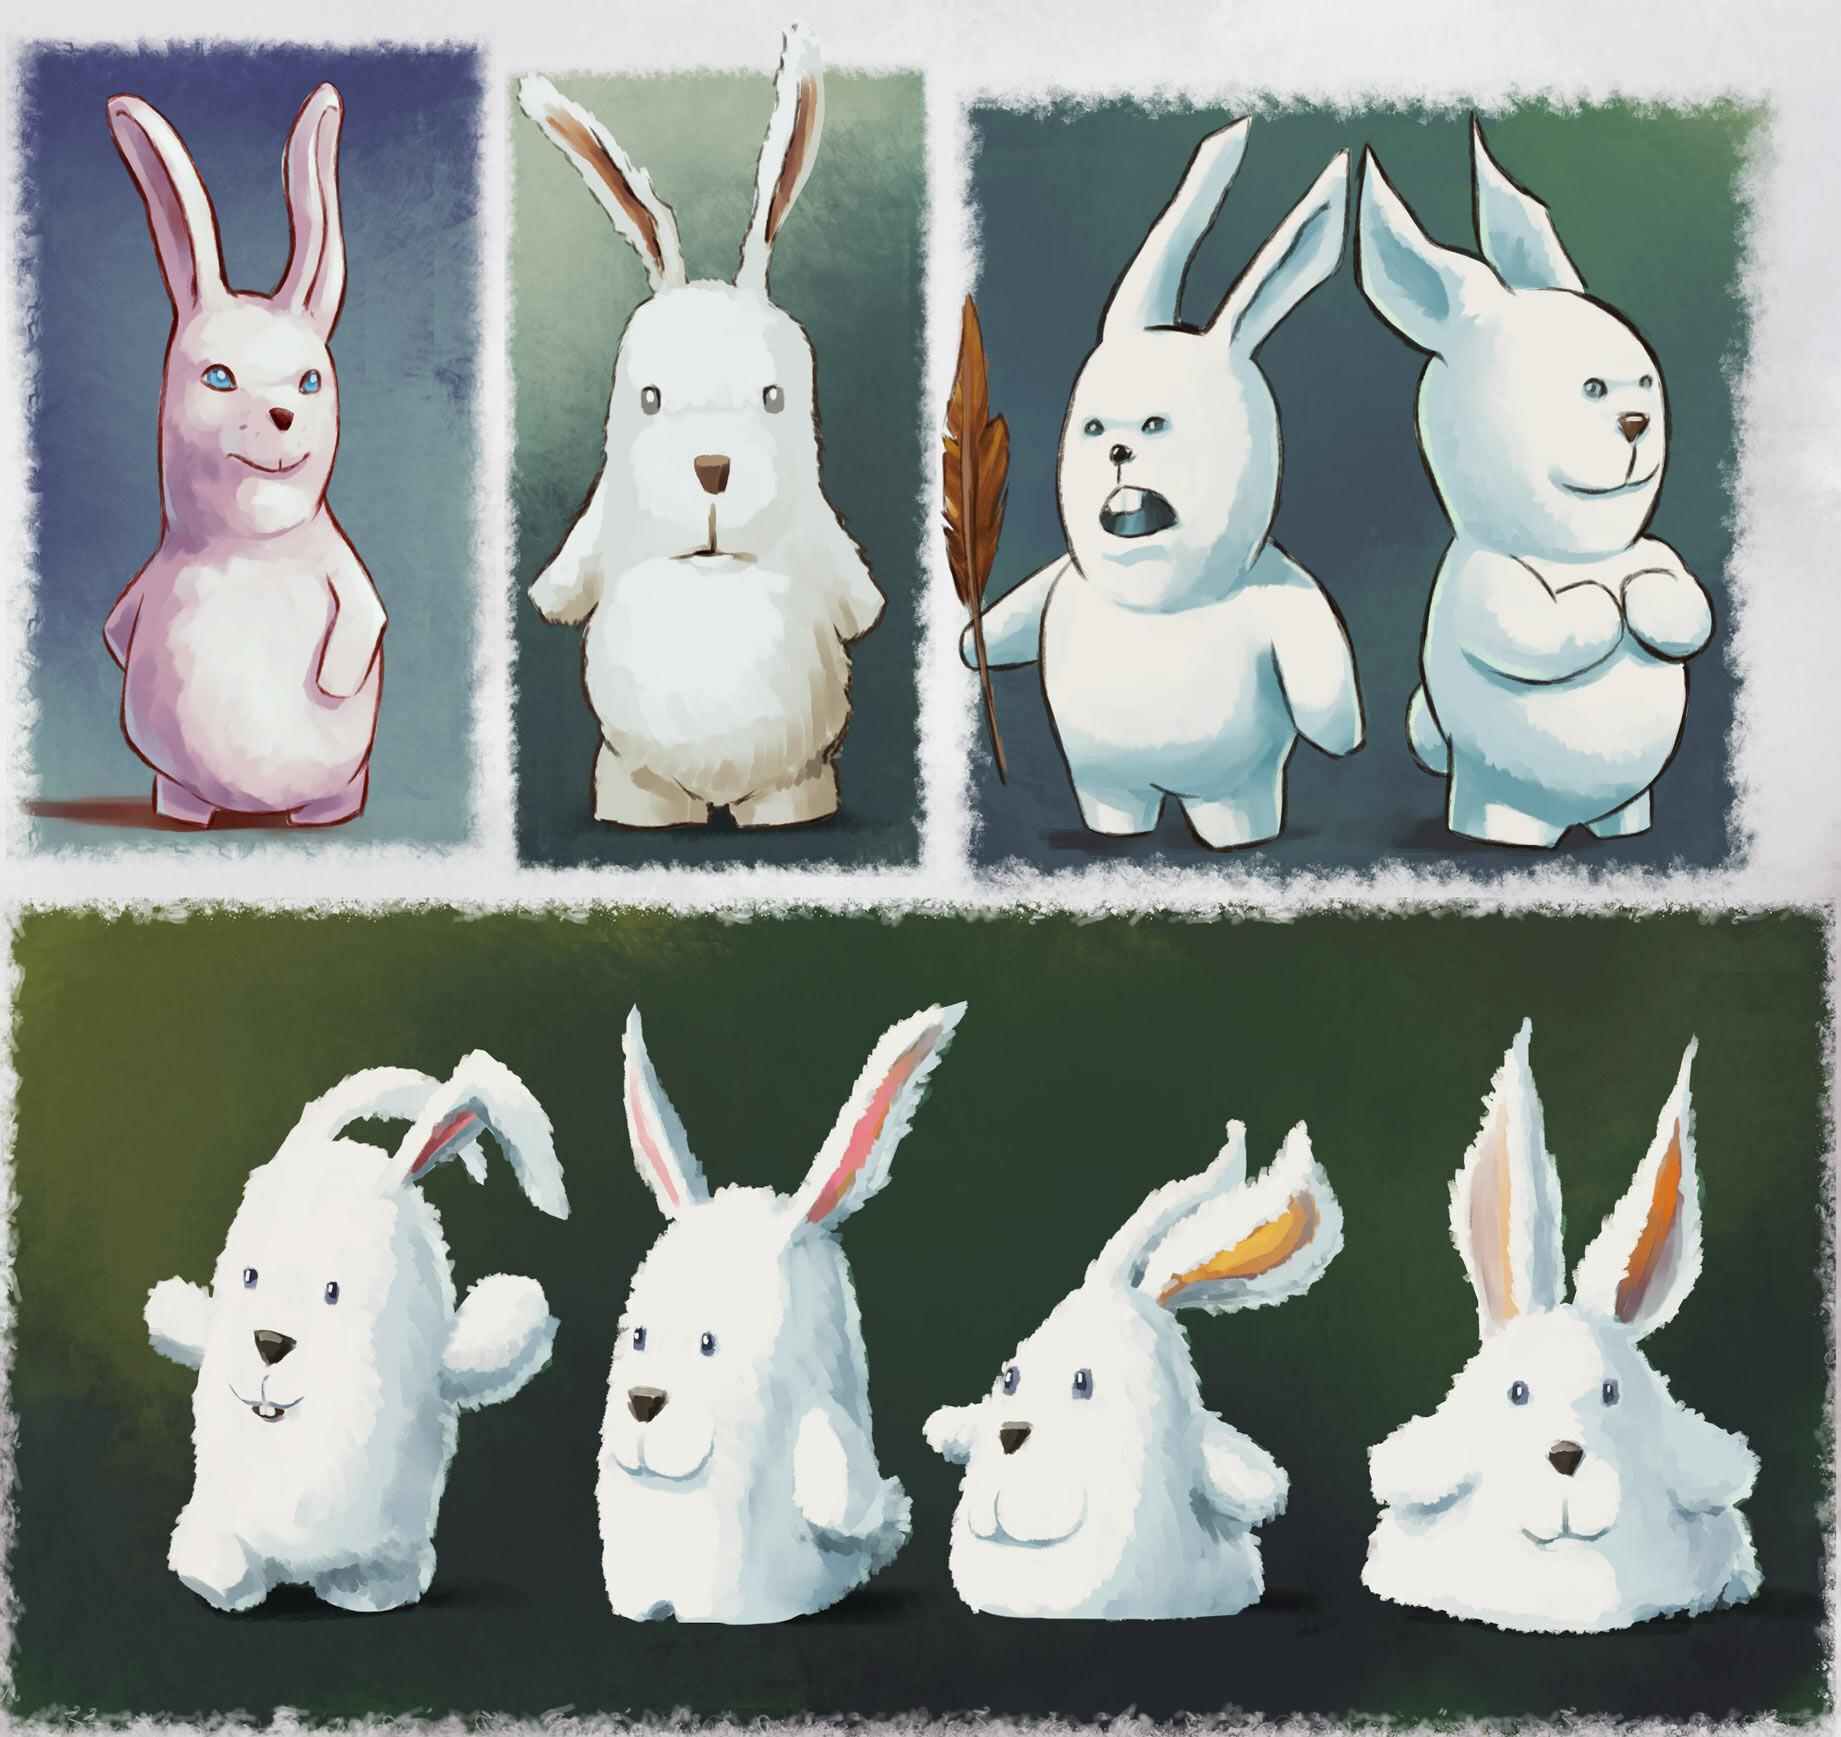 Antoine le corre bunnies2